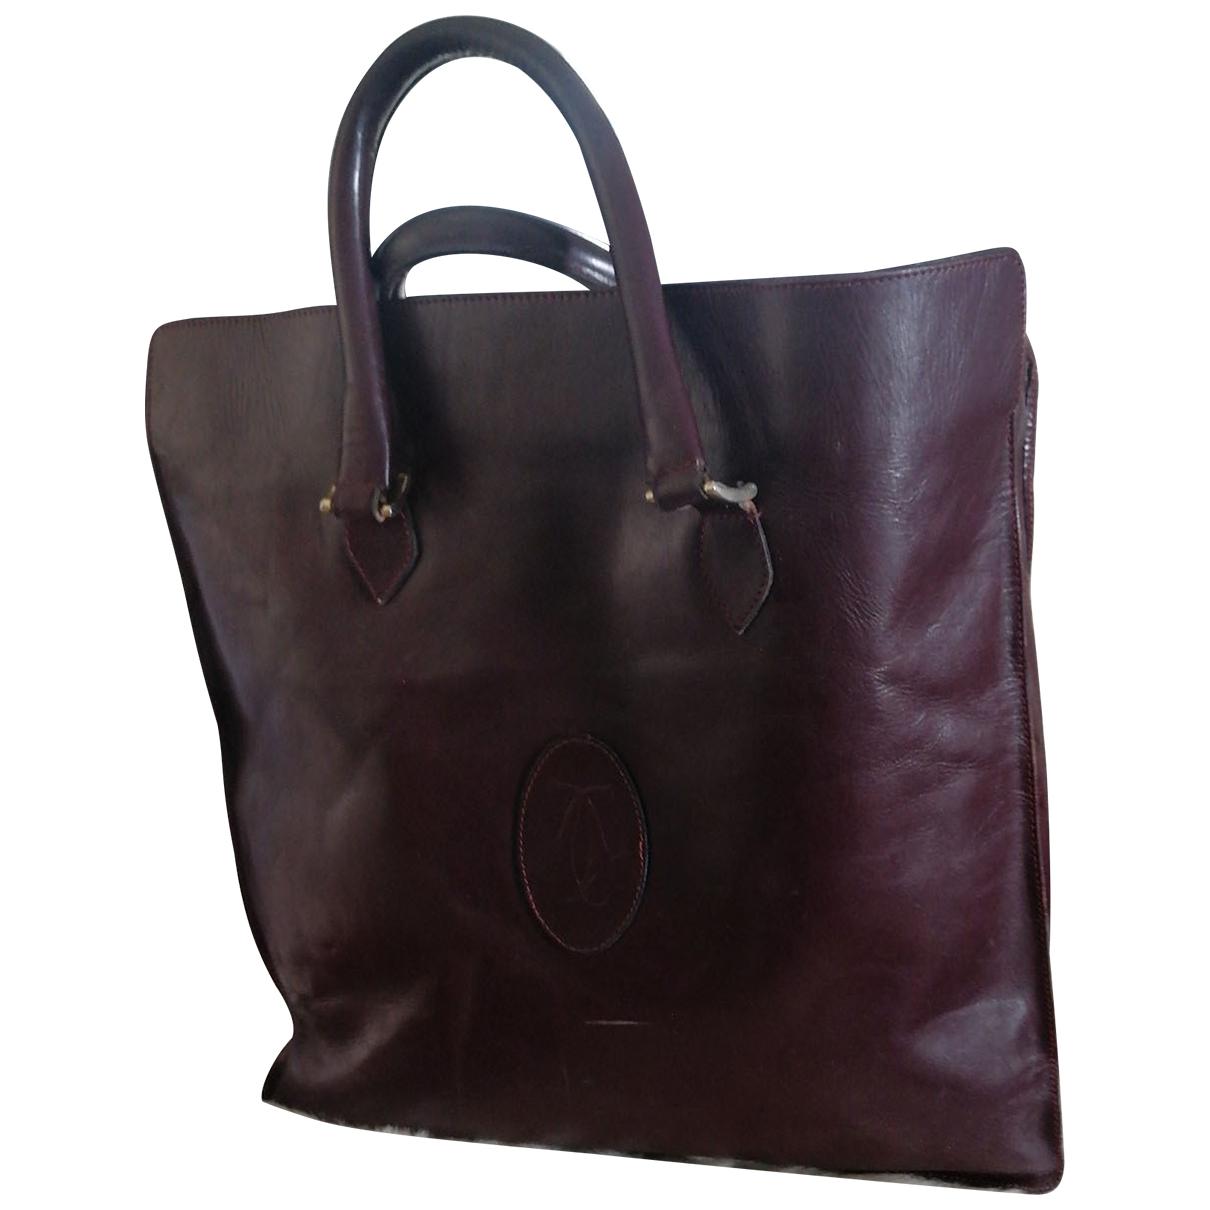 Cartier \N Handtasche in  Bordeauxrot Leder